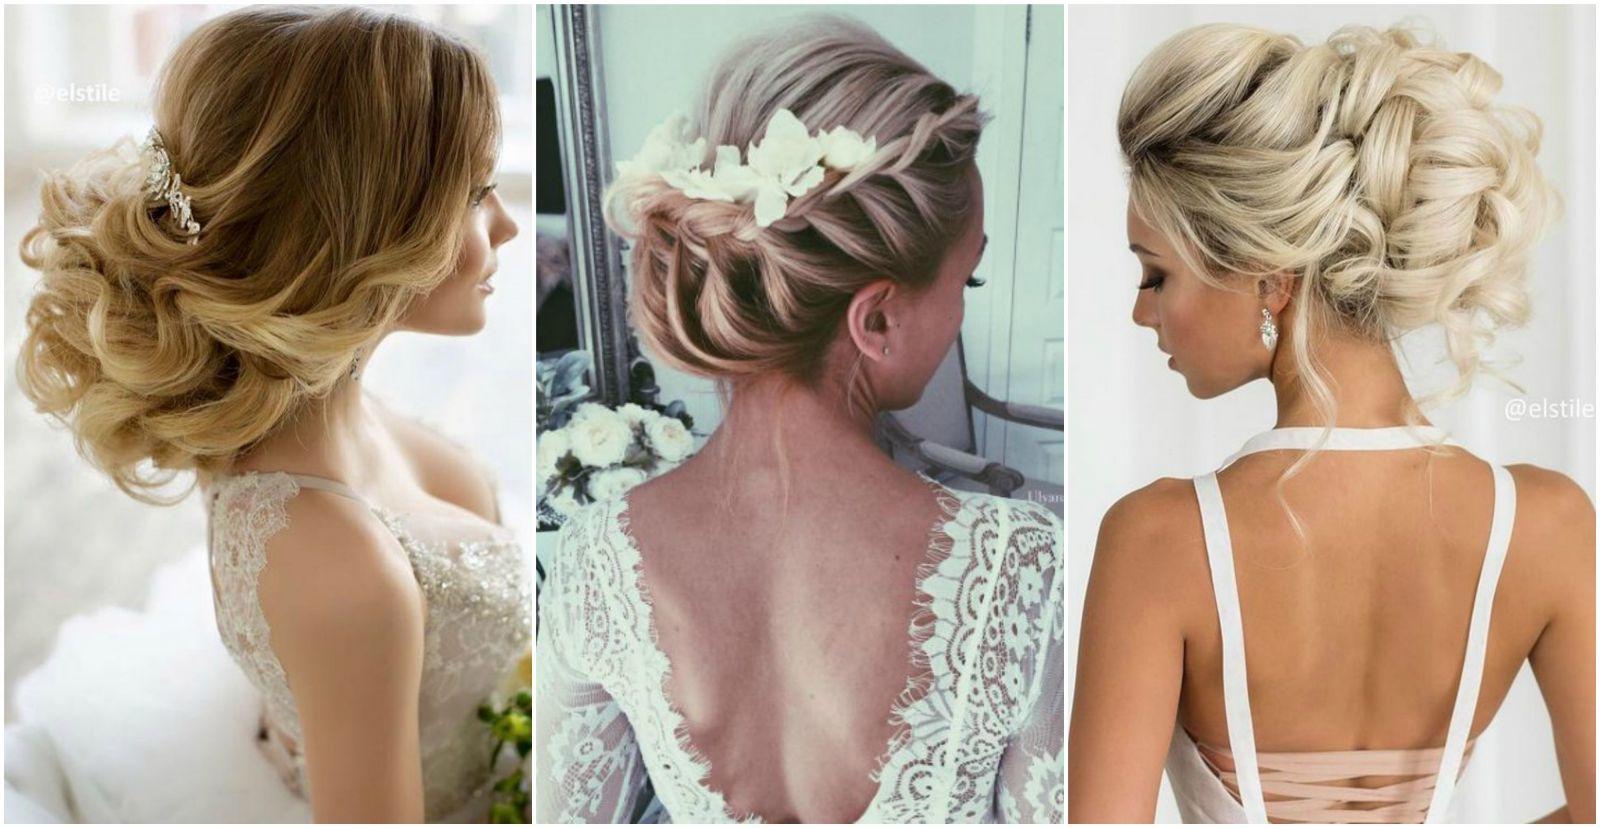 esküvői frizura hosszú hajból képek, esküvői frizurák félhosszú hajból, esküvői frizura 2017, alkalmi frizurák hosszú hajból félig feltűzött, egyszerű alkalmi frizurák félhosszú hajból, alkalmi frizurák rövid hajból, frizurák esküvőre házilag, koszorúslány frizurák, alkalmi frizurák félhosszú hajból, hajak lagzira, alkalmi frizurák hosszú hajból félig feltűzve, alkalmi frizura 2017, alkalmi kontyok, alkalmi frizurák lépésről lépésre, alkalmi frizurák rövid hajból, alkalmi frizurák fonással, fodrász, fodrász szalon budapest, fodrászat budapest, bio fodrászat budapest, fodrászat 13. kerület, fodrászat zugló, budapest fodrászat olcsó, fodrászat budapest 11. kerület, férfi fodrász budapest, jó fodrász budapesten, fodrász budapest bejelentkezés nélkül, fodrász szalon nevek, fodrász, fodrászat, 2017 frizura divat, 2017 hajszín divat, rövid haj 2017, félhosszú frizurák 2017, frizura 2017, online időpontfoglalás, online bejelentkezés, bwnet